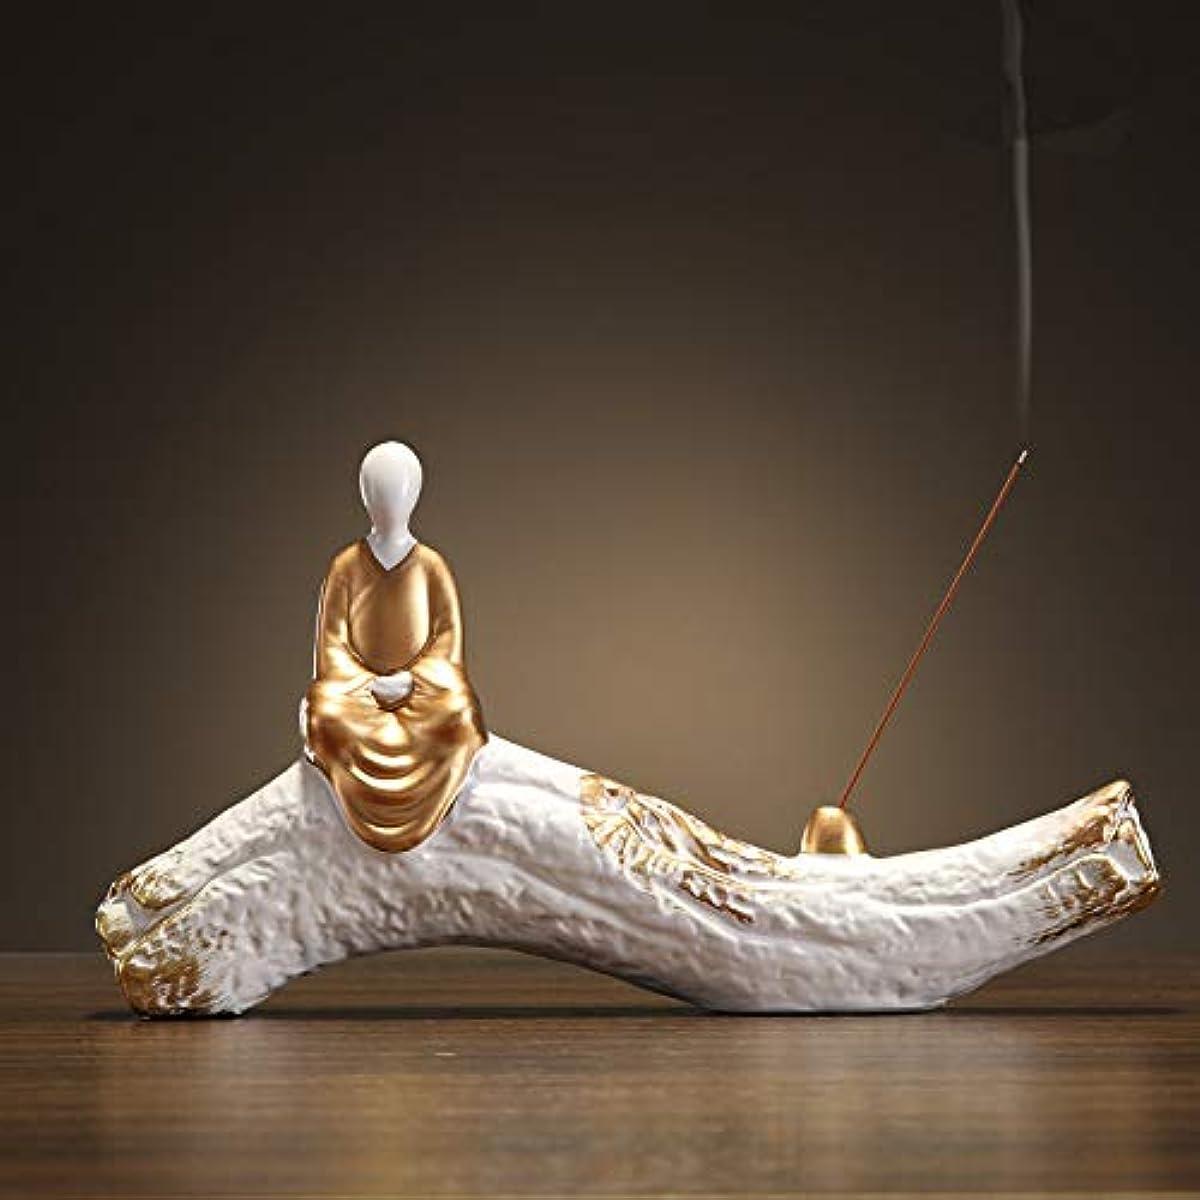 熟考する無駄シャー香炉手作り陶芸香炉コイル仏教香炉仏Bu炉香炉香スティックフレーム29 * 15.5cm